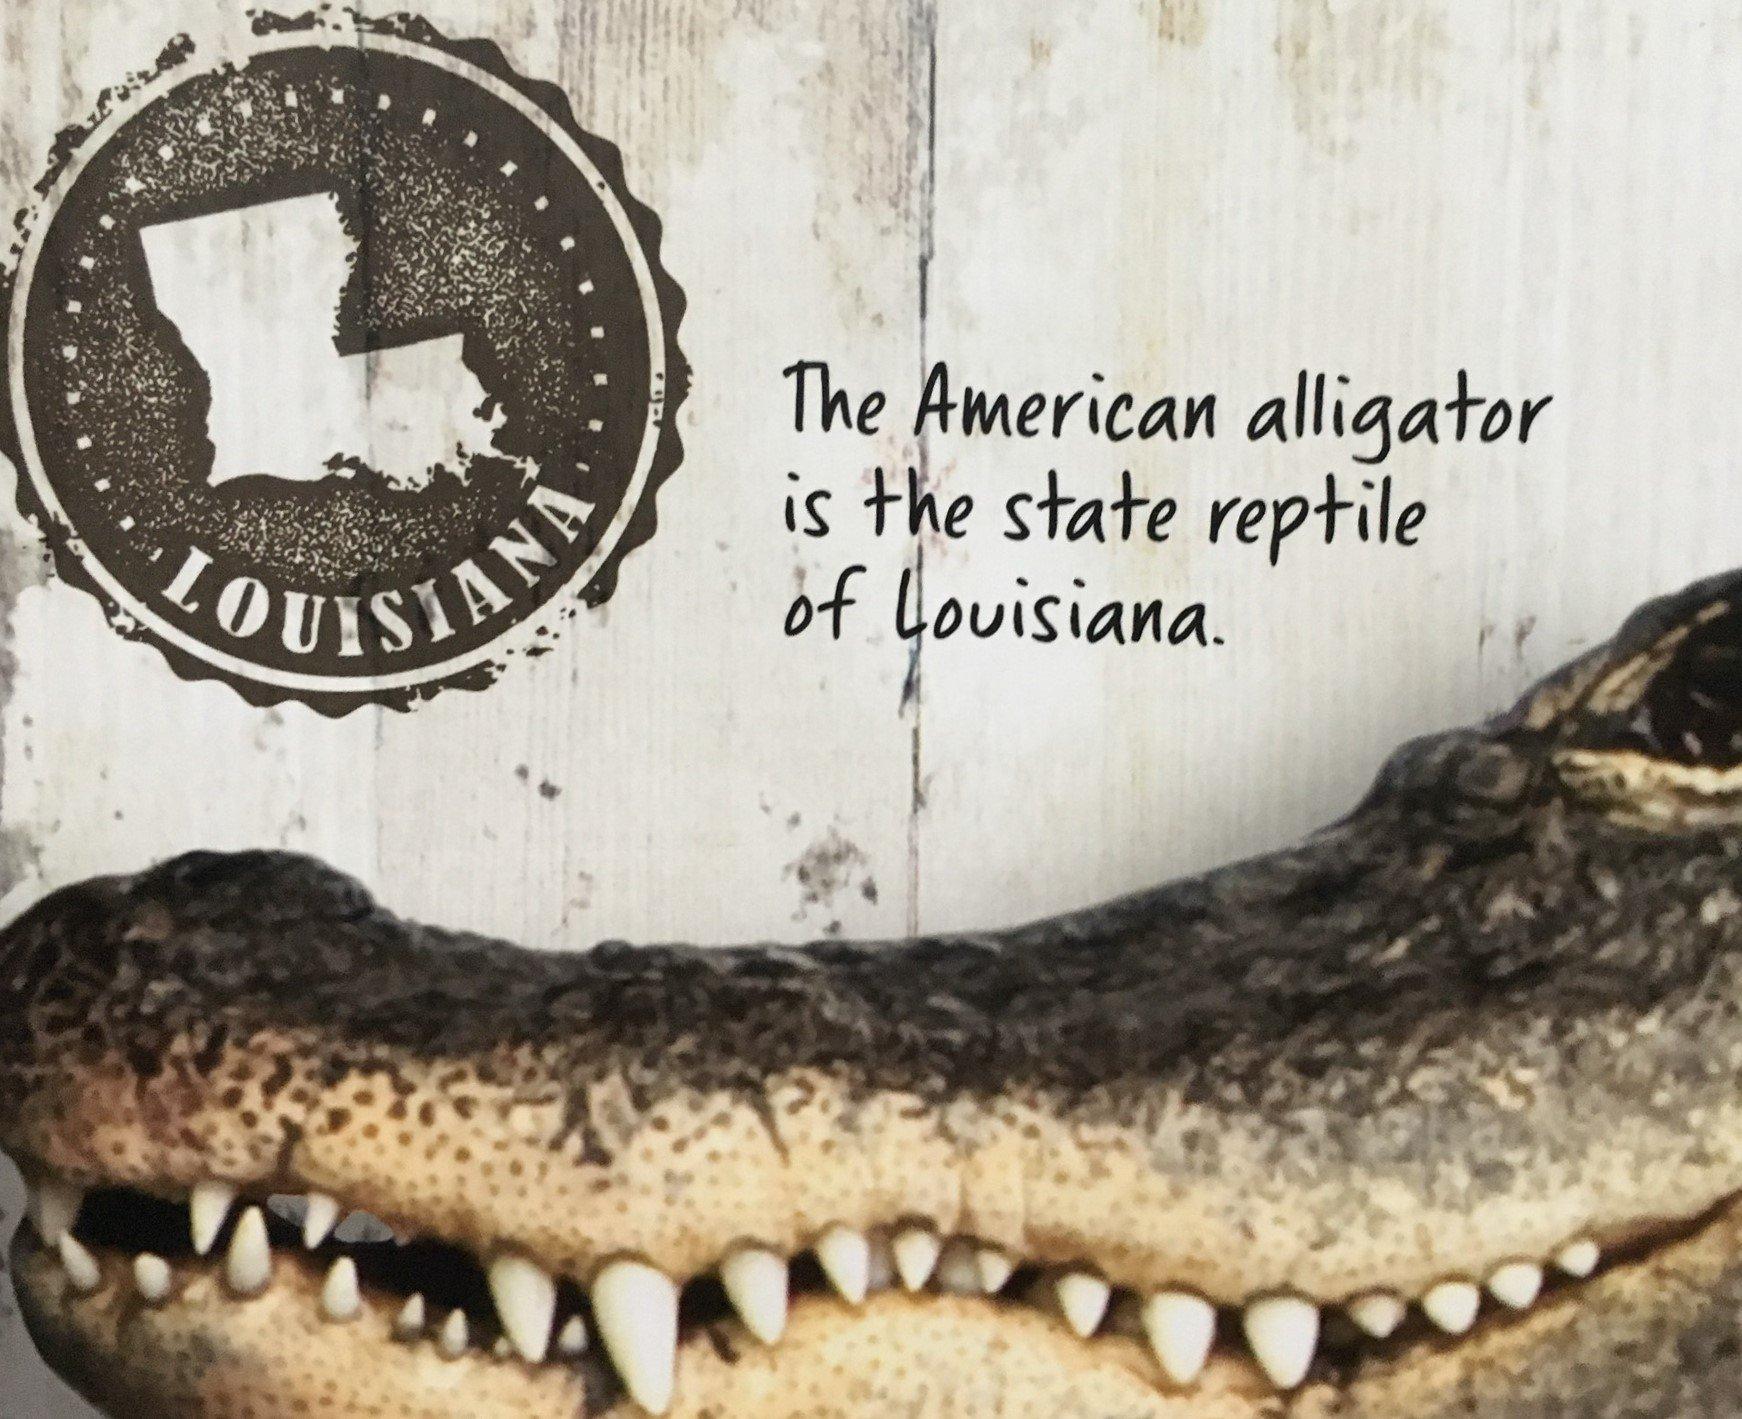 Auf Fahnen und Stempeln: der Alligator ist das Wappentier von Louisiana